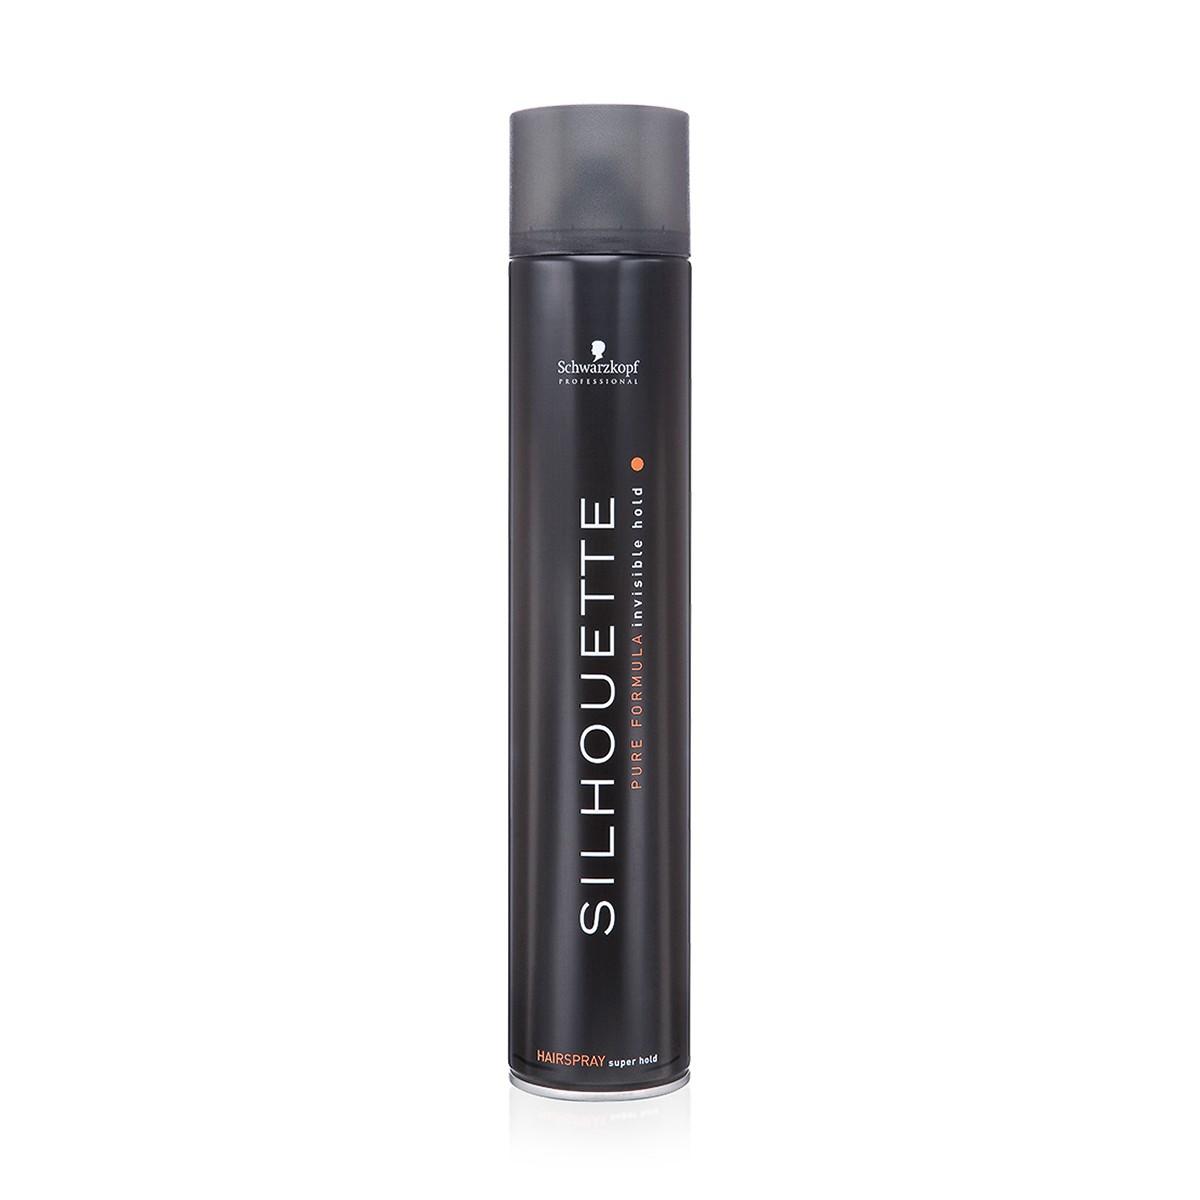 SCHWARZKOPF Silhouette Schwarz 750ml - Bardzo mocno utrwalający lakier do włosów